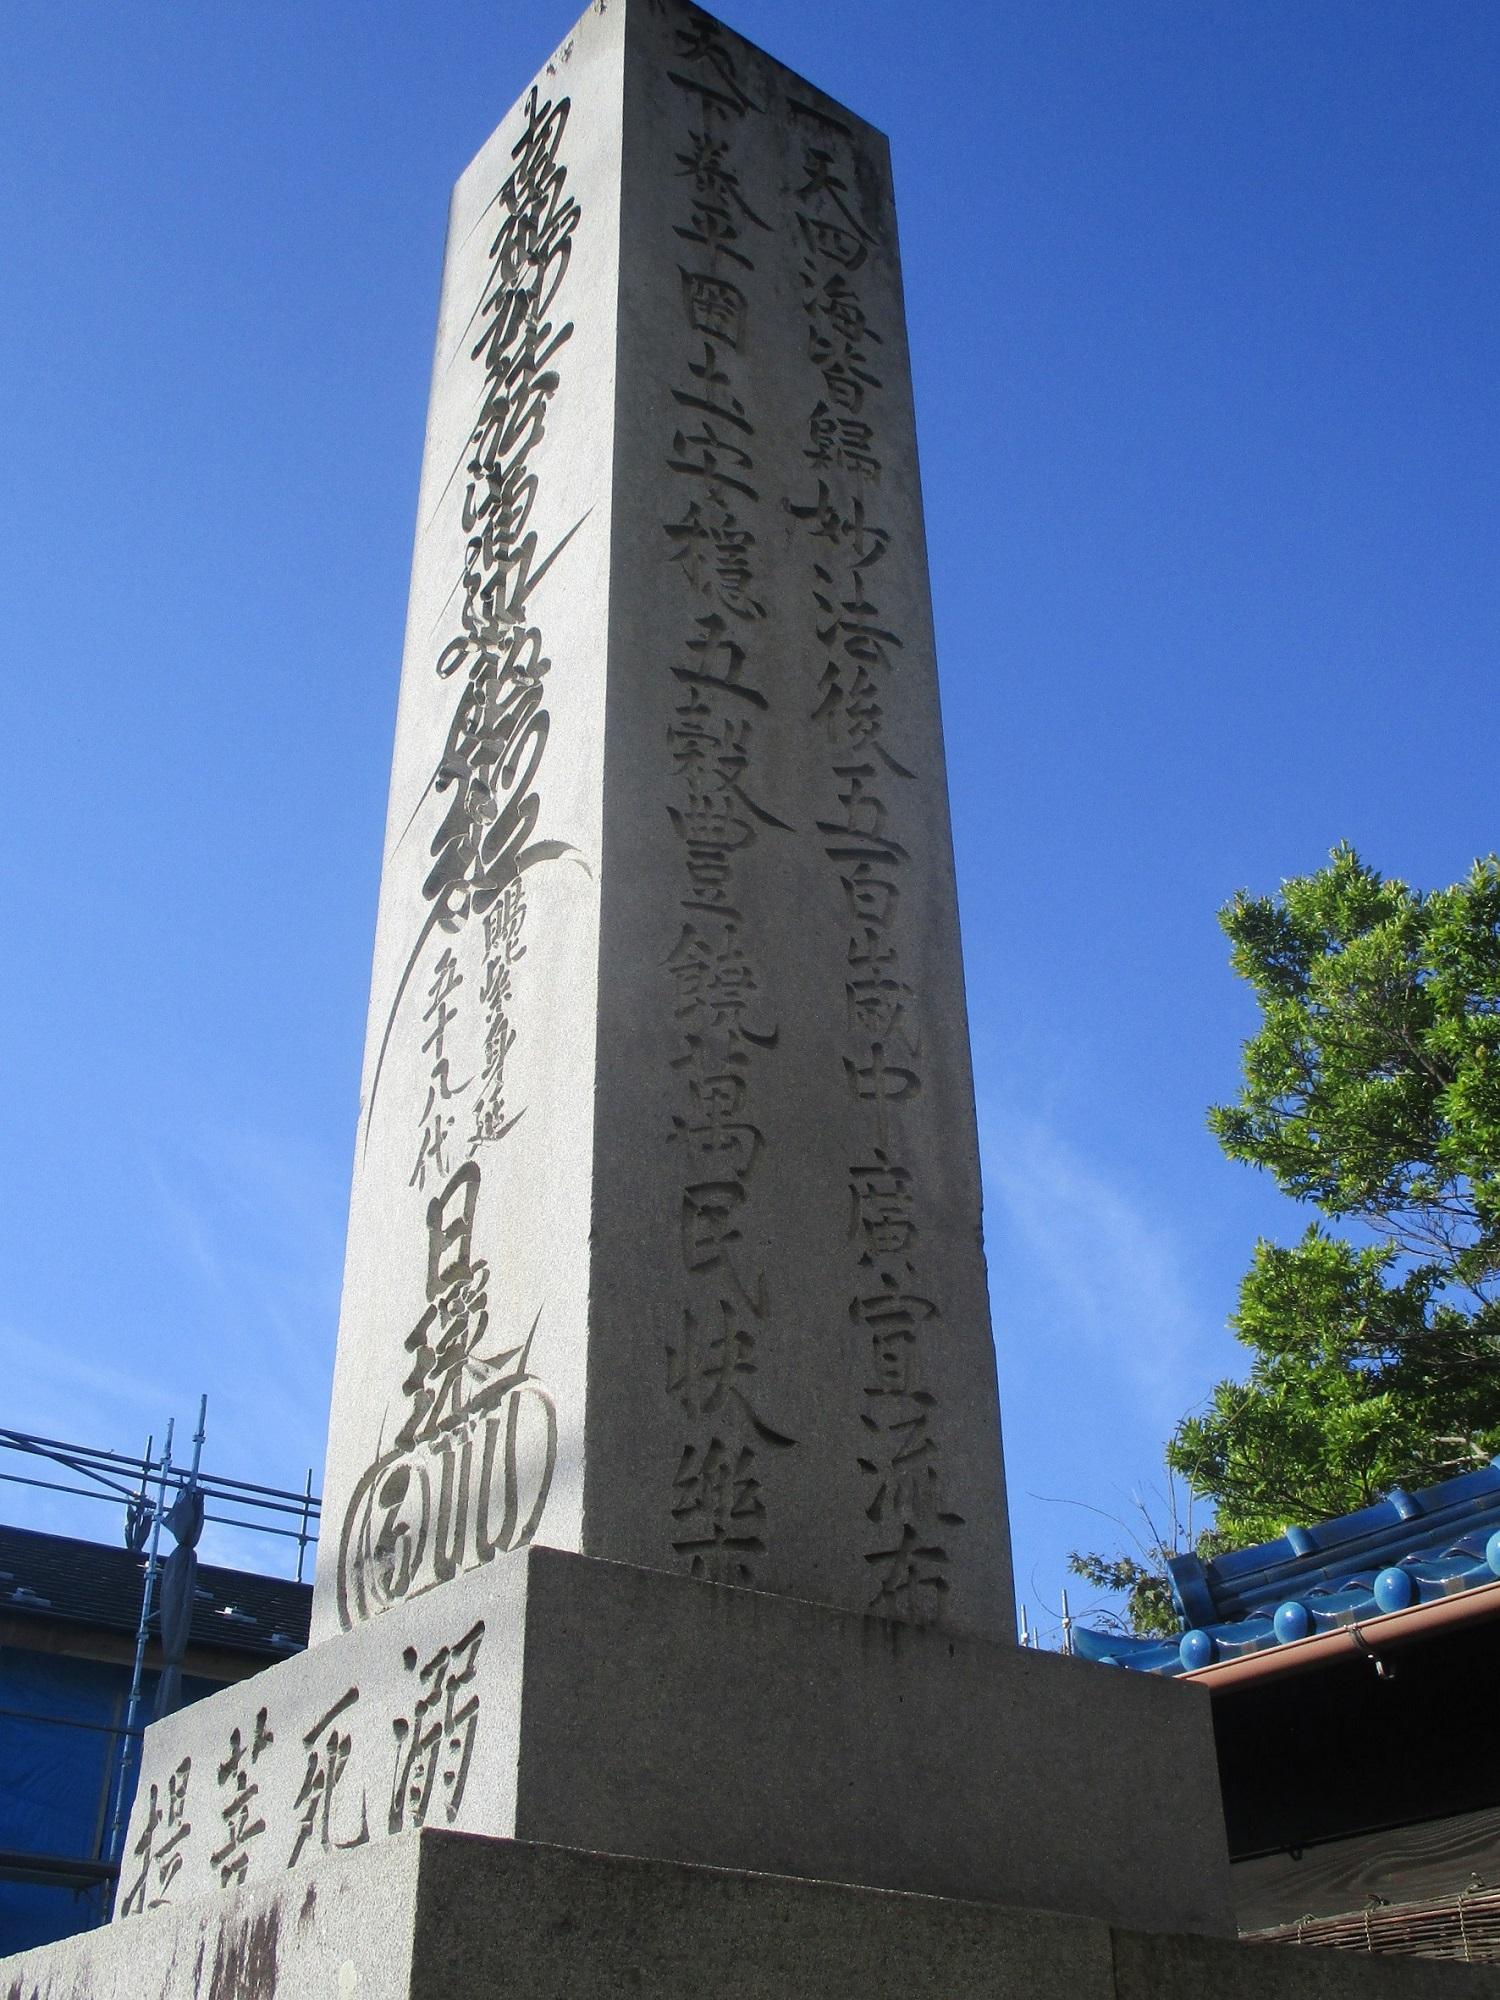 2019.10.5 (15-4) 矢作 - 宝塔さま(みぎ側面) 1500-2000